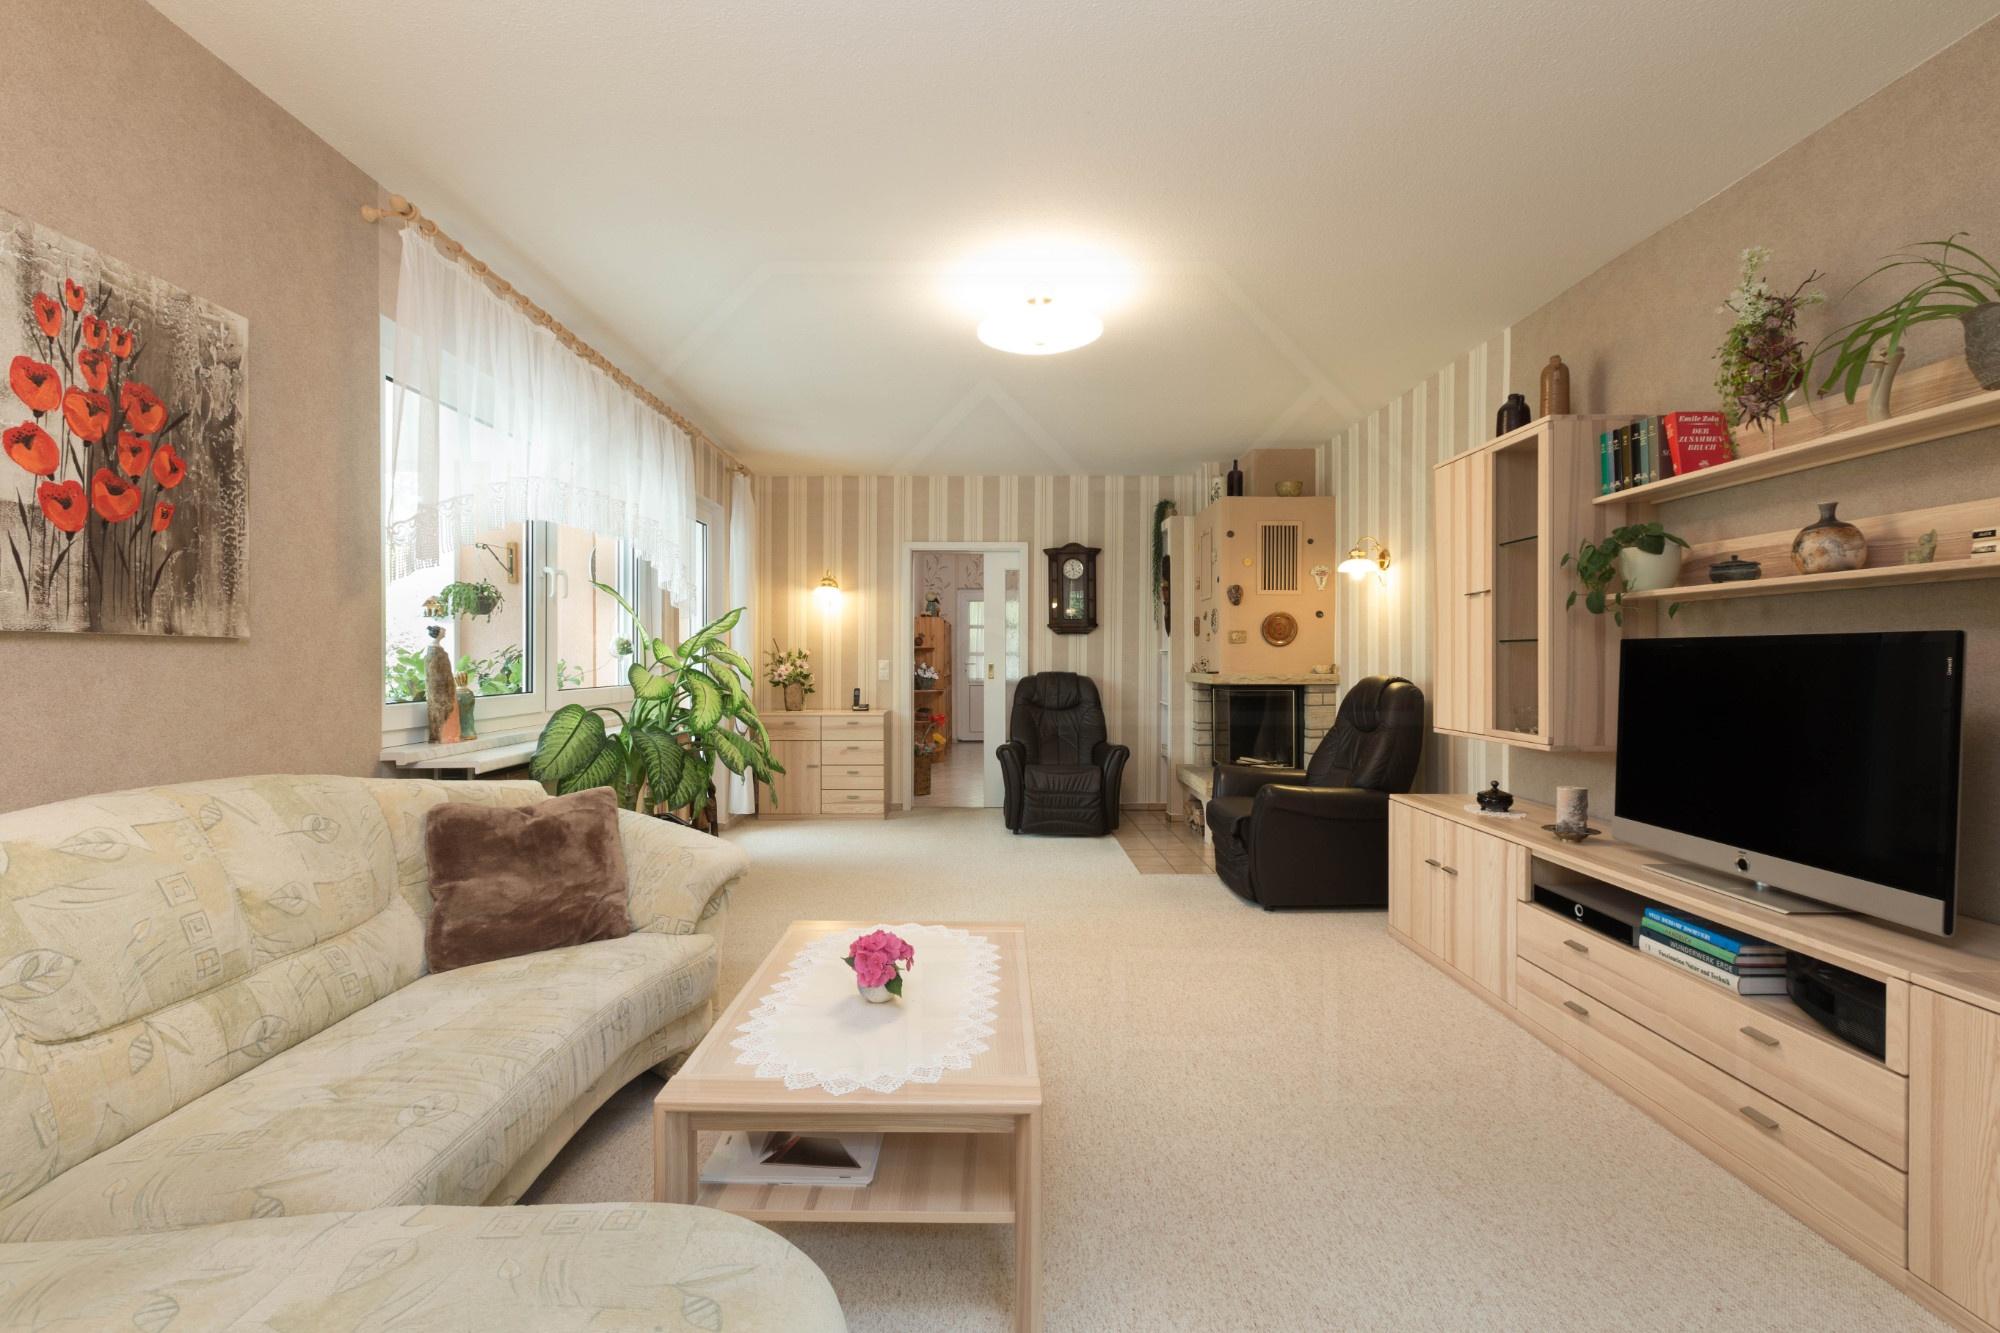 Das große Wohnzimmer | tkiBERLIN | Verkauf und Vermietung ...